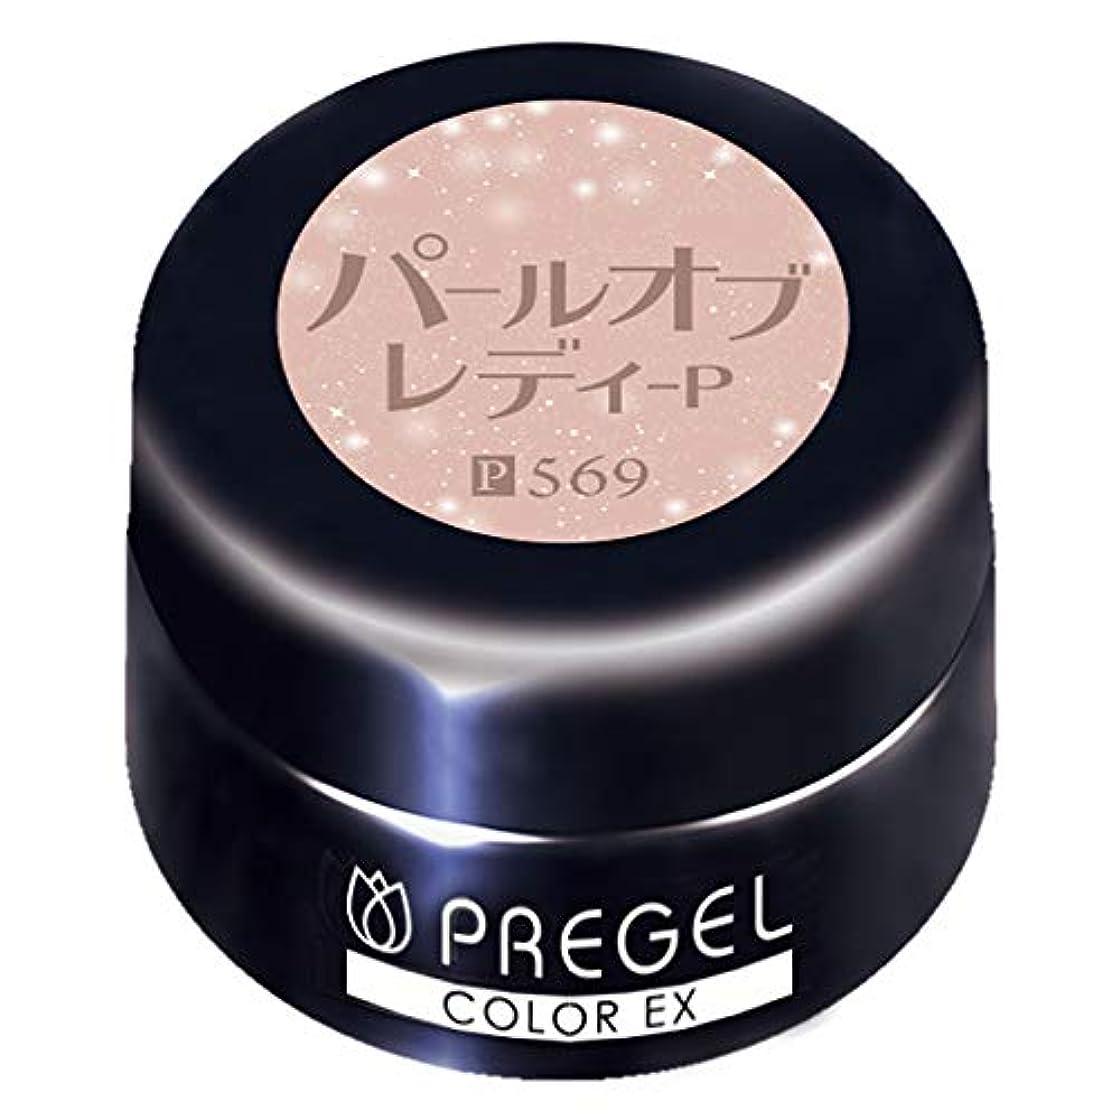 砂敵意アルバムPRE GEL カラージェル カラーEX パールオブレディ-P 3g PG-CE569 UV/LED対応